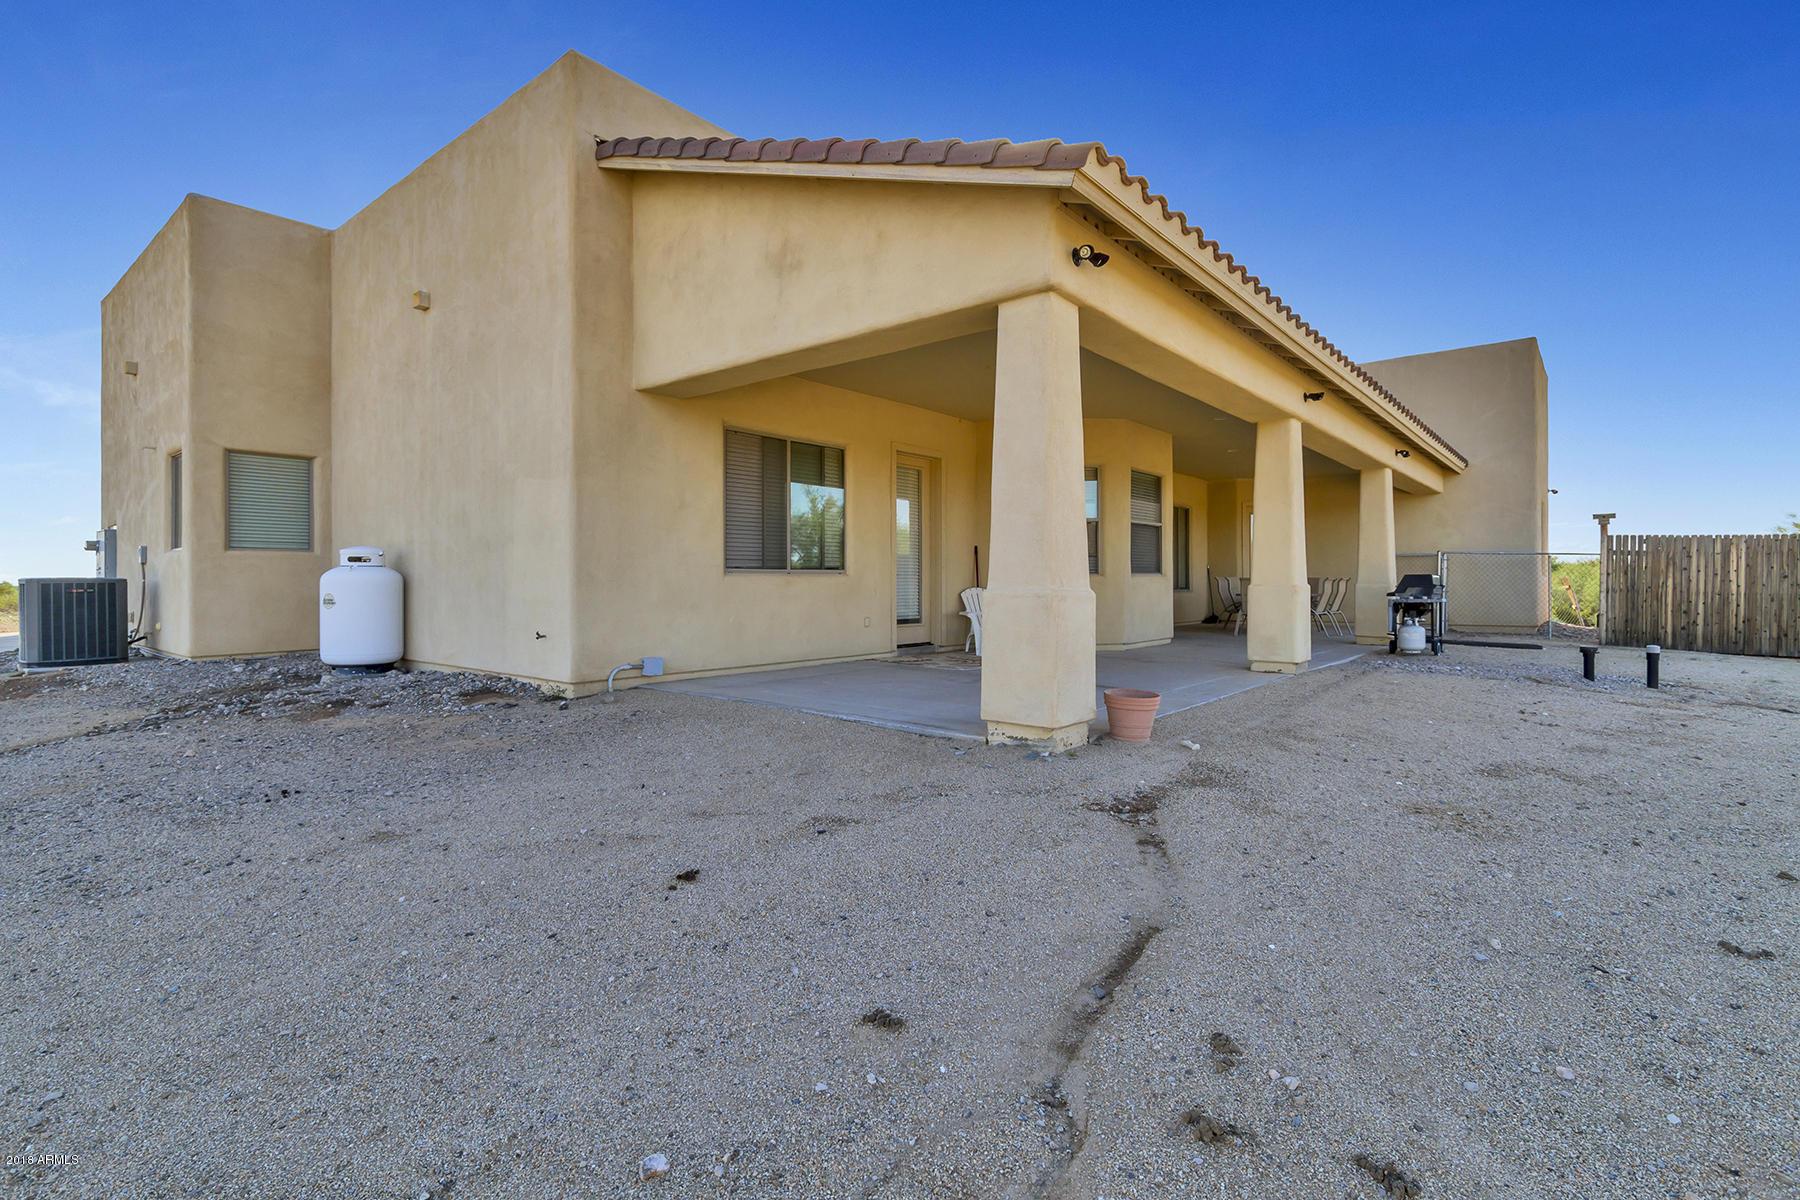 MLS 5834083 28008 N 143RD Drive, Surprise, AZ 85387 Surprise AZ Equestrian